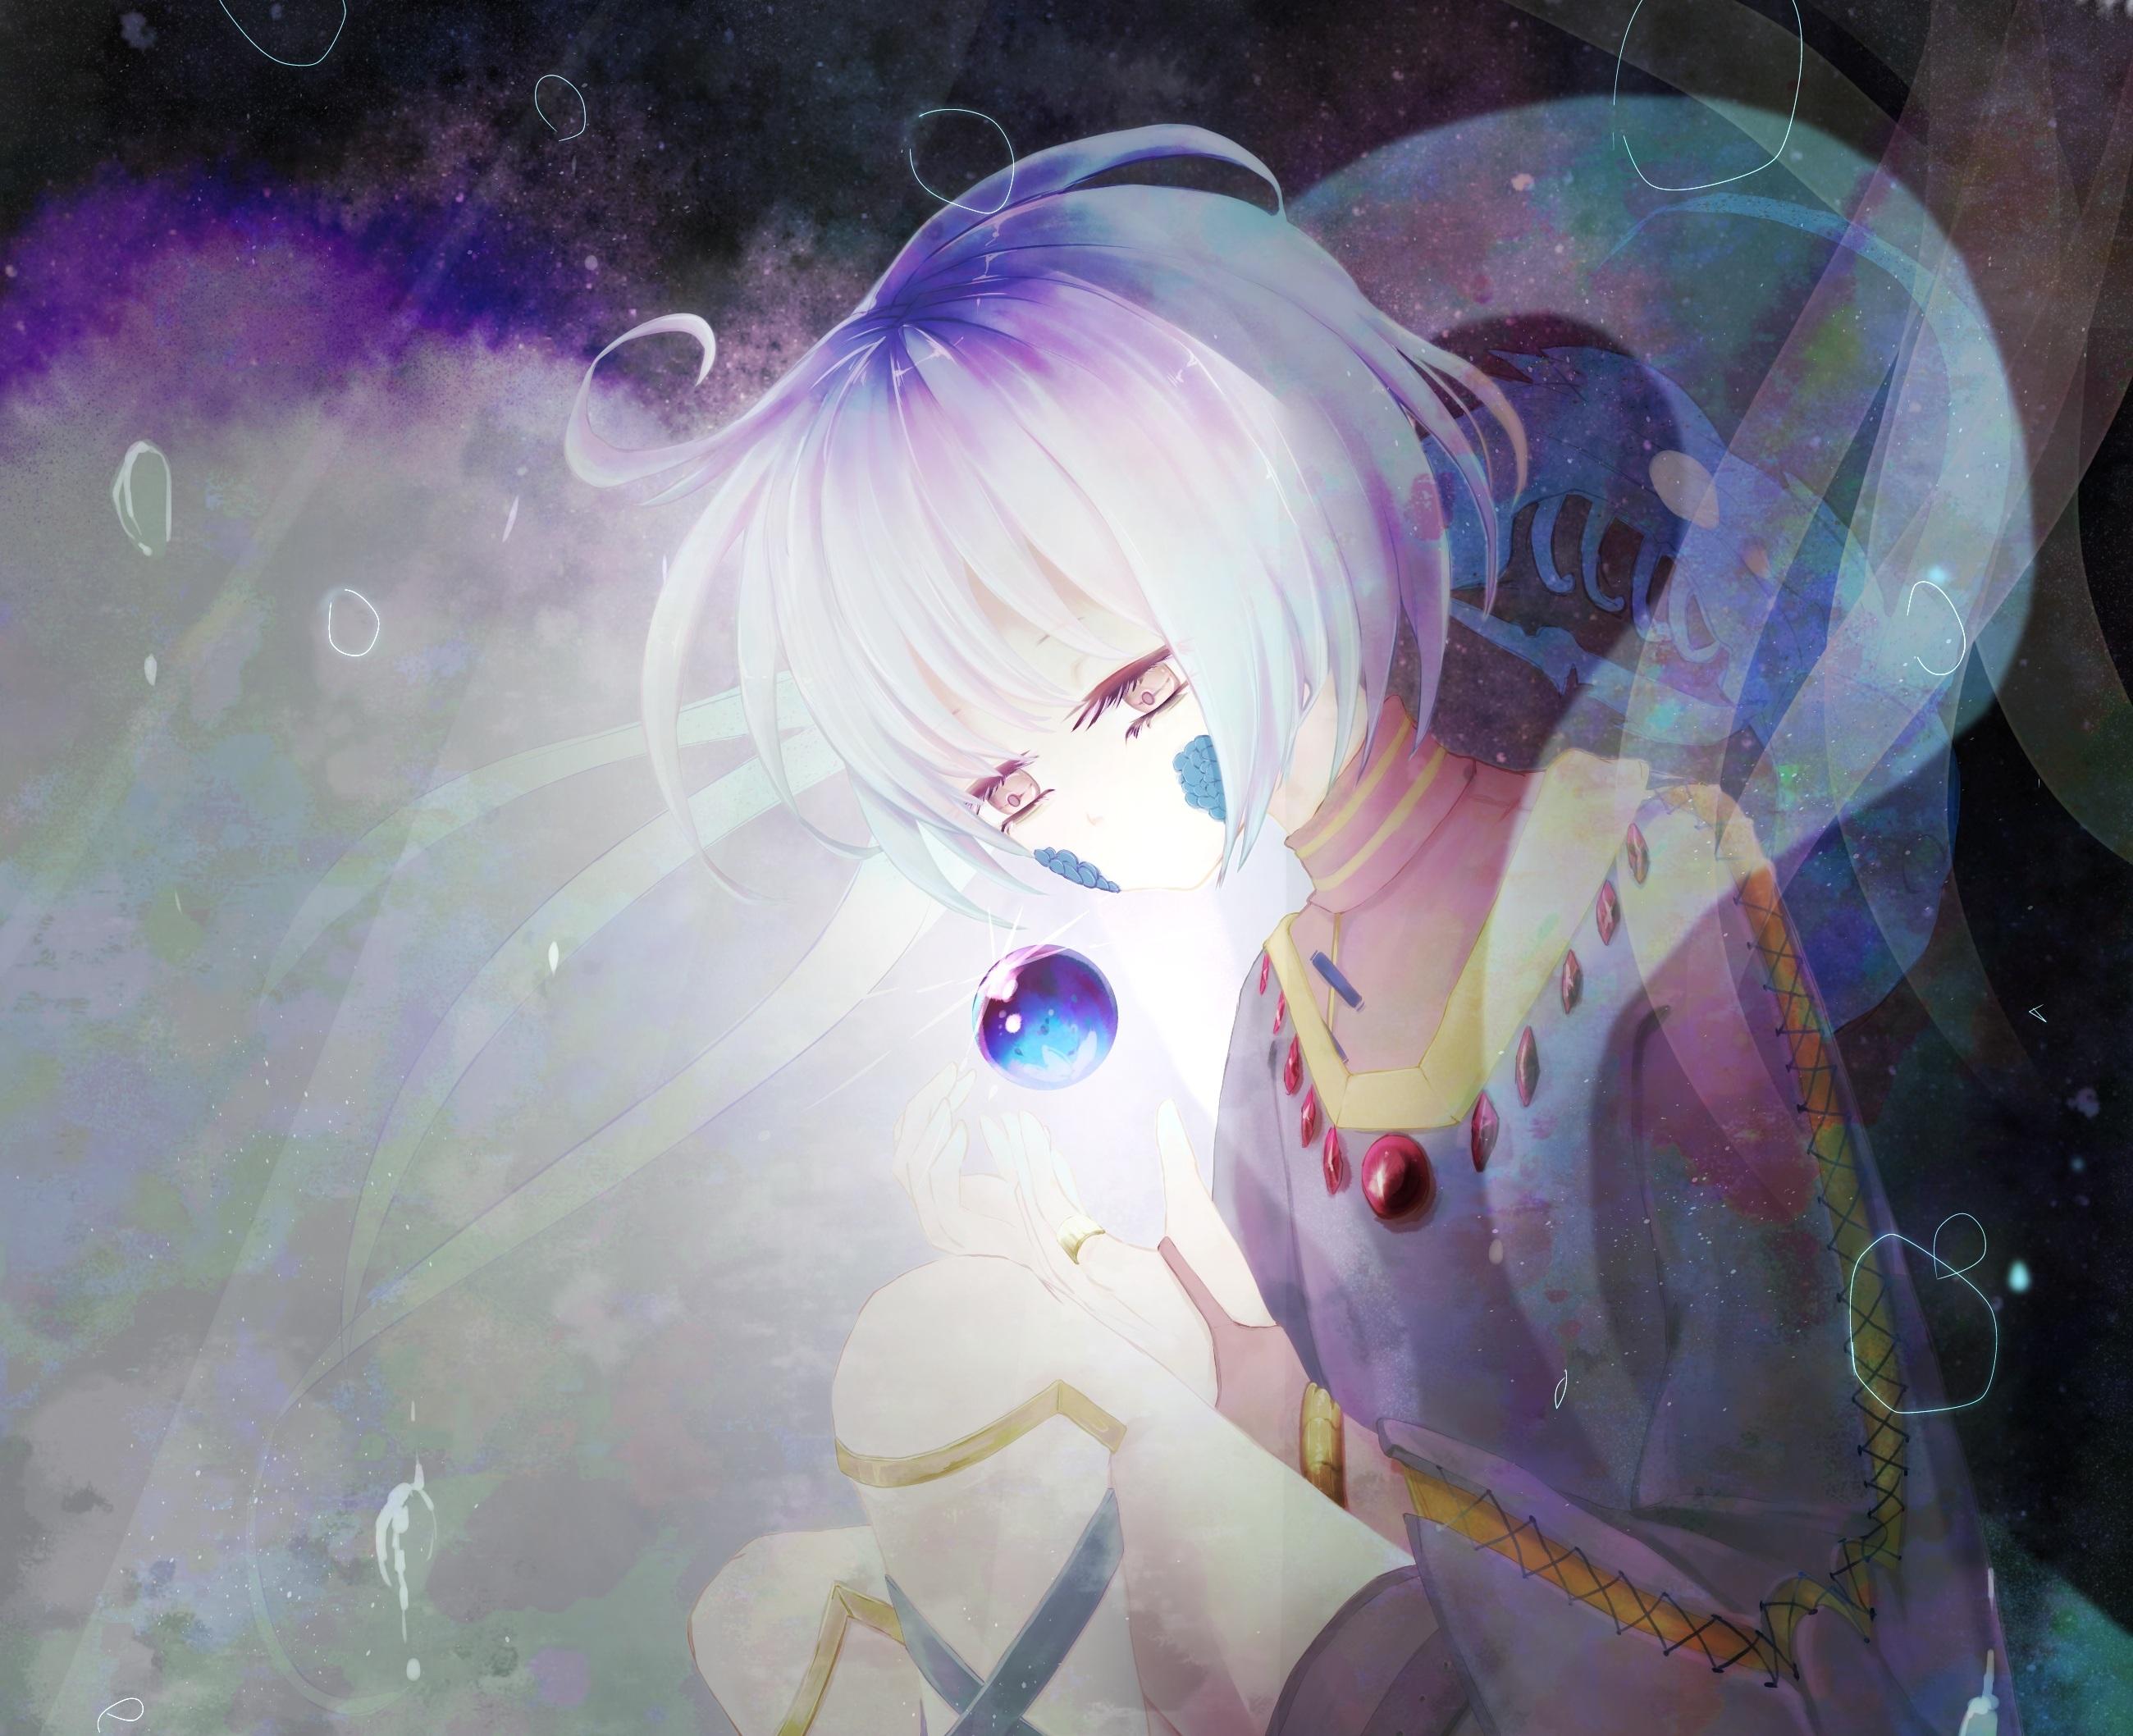 Girl Sphere White Hair 2600x2116